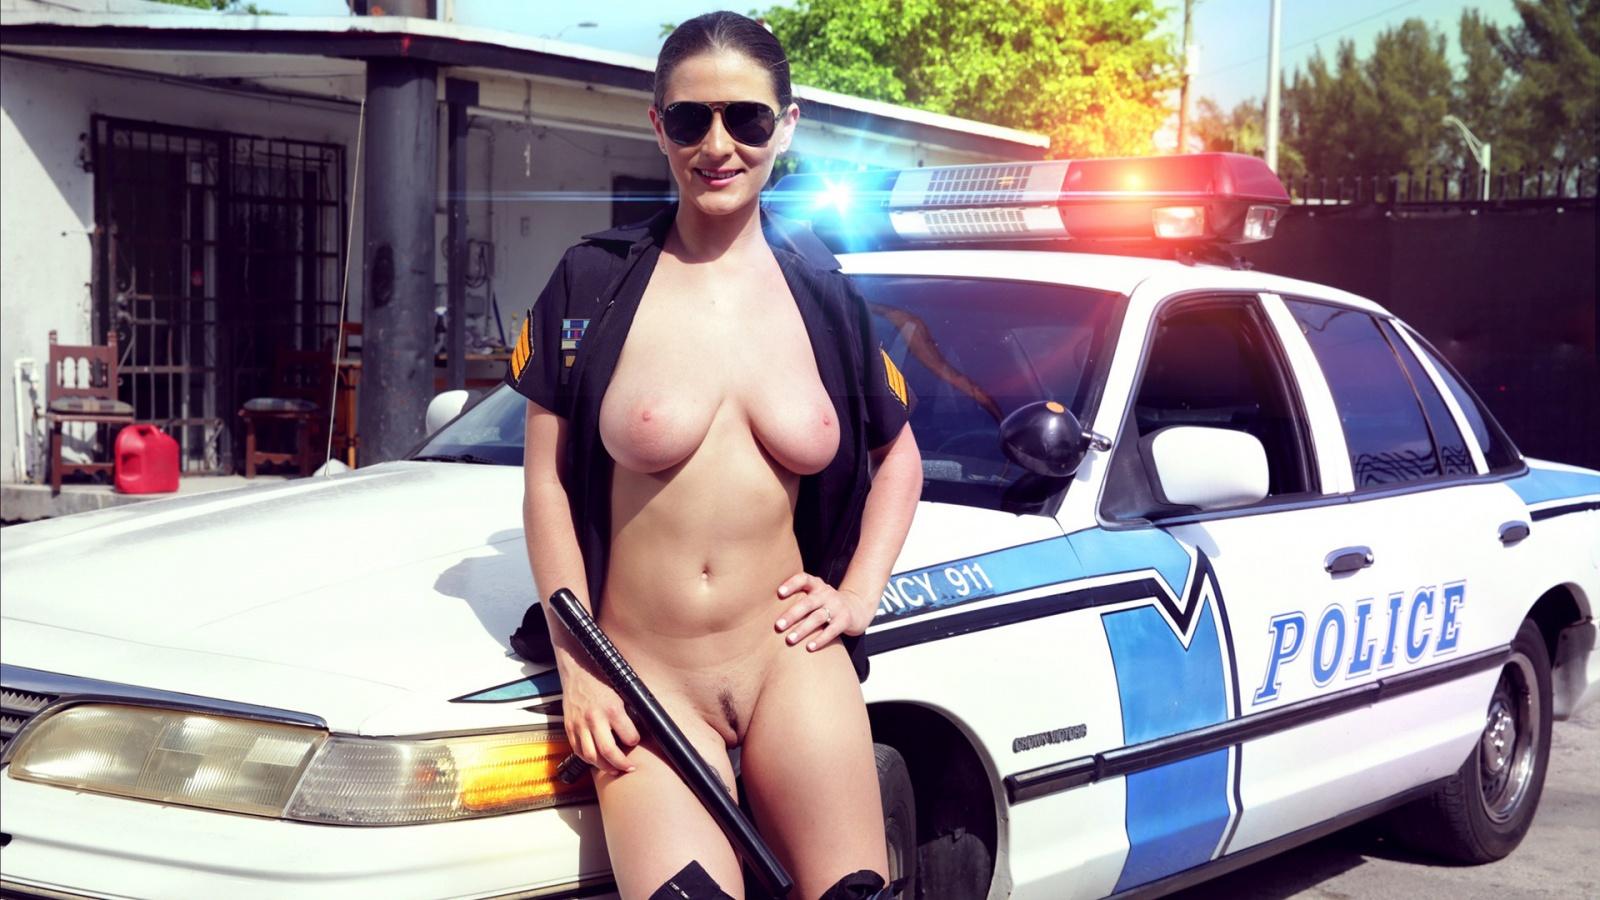 amazing nude body girl